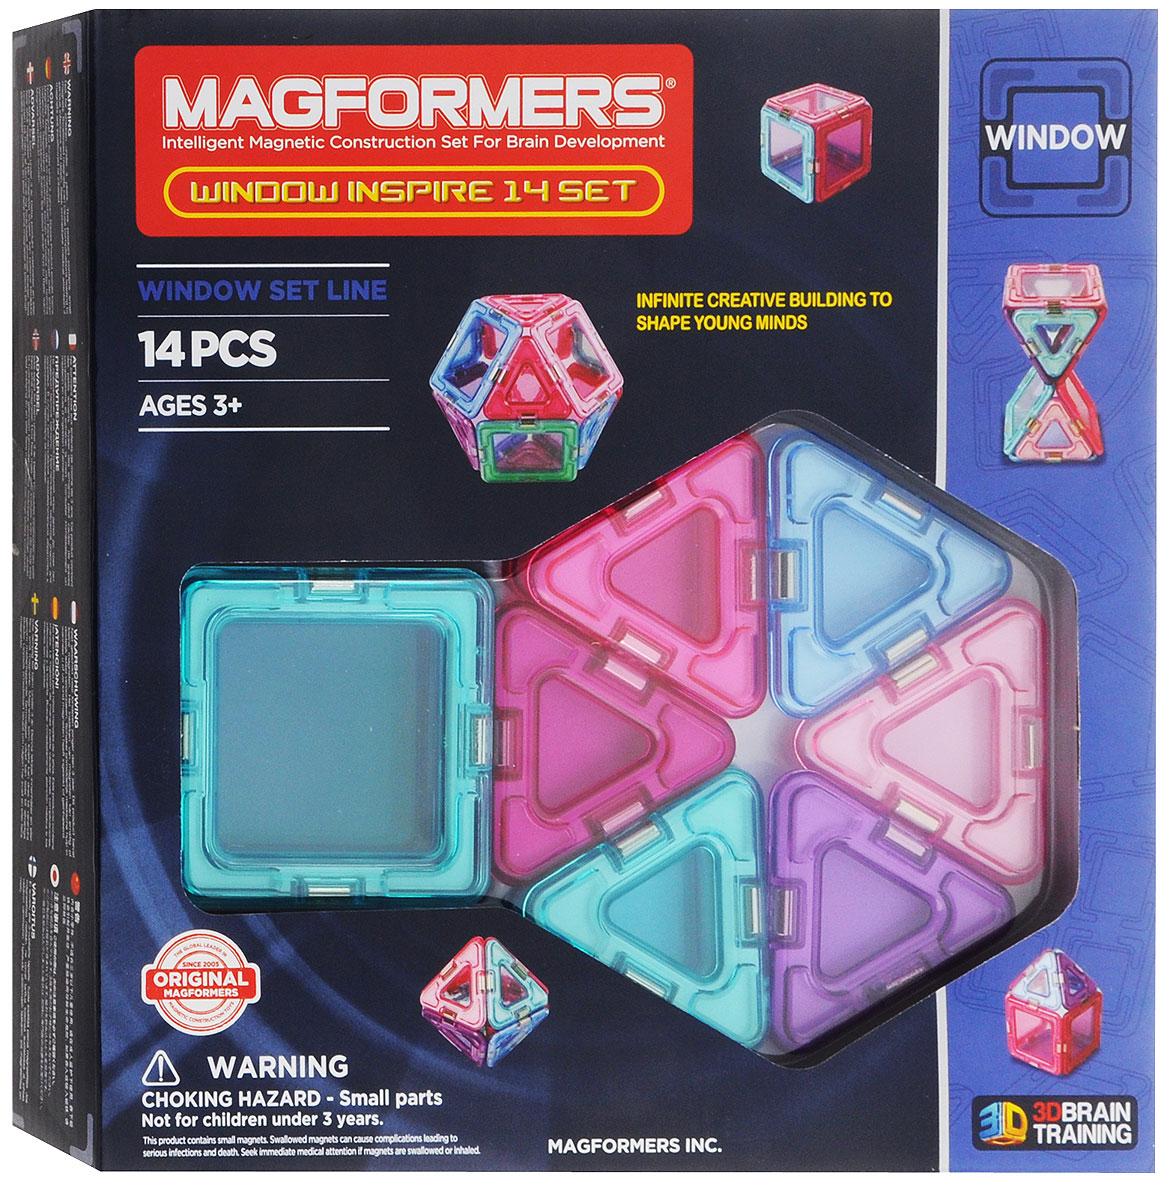 Magformers Магнитный конструктор Window Inspire Set 14714003Магнитный конструктор Magformers Window Inspire Set 14 - это специальное издание набора Magformers Window 14 в мягких пастельных цветах. Нежные оттенки розового, фиолетового и голубого особенно придутся по душе девочкам. Набор Window Inspire Set 14 прекрасно подойдет тем, кто только начинает знакомство с магнитными конструкторами Магформерс. В его состав входят 14 элементов: 6 квадратов и 8 треугольников. С этими базовыми деталями ребенок быстро освоит построение предметов на плоскости, а затем с легкостью перейдет к конструированию трехмерных моделей. Каждая деталь содержит окошко из цветного прозрачного пластика, что открывает новые возможности для творчества. Все элементы Magformers Window Inspire Set 14 также совместимы с любыми другими наборами Магформерс, что позволяет пополнить уже имеющуюся коллекцию новыми необычными цветами и расширить варианты возможных построек. Конструкторы Магформерс - это неиссякаемый источник веселья и творчества! Множество...